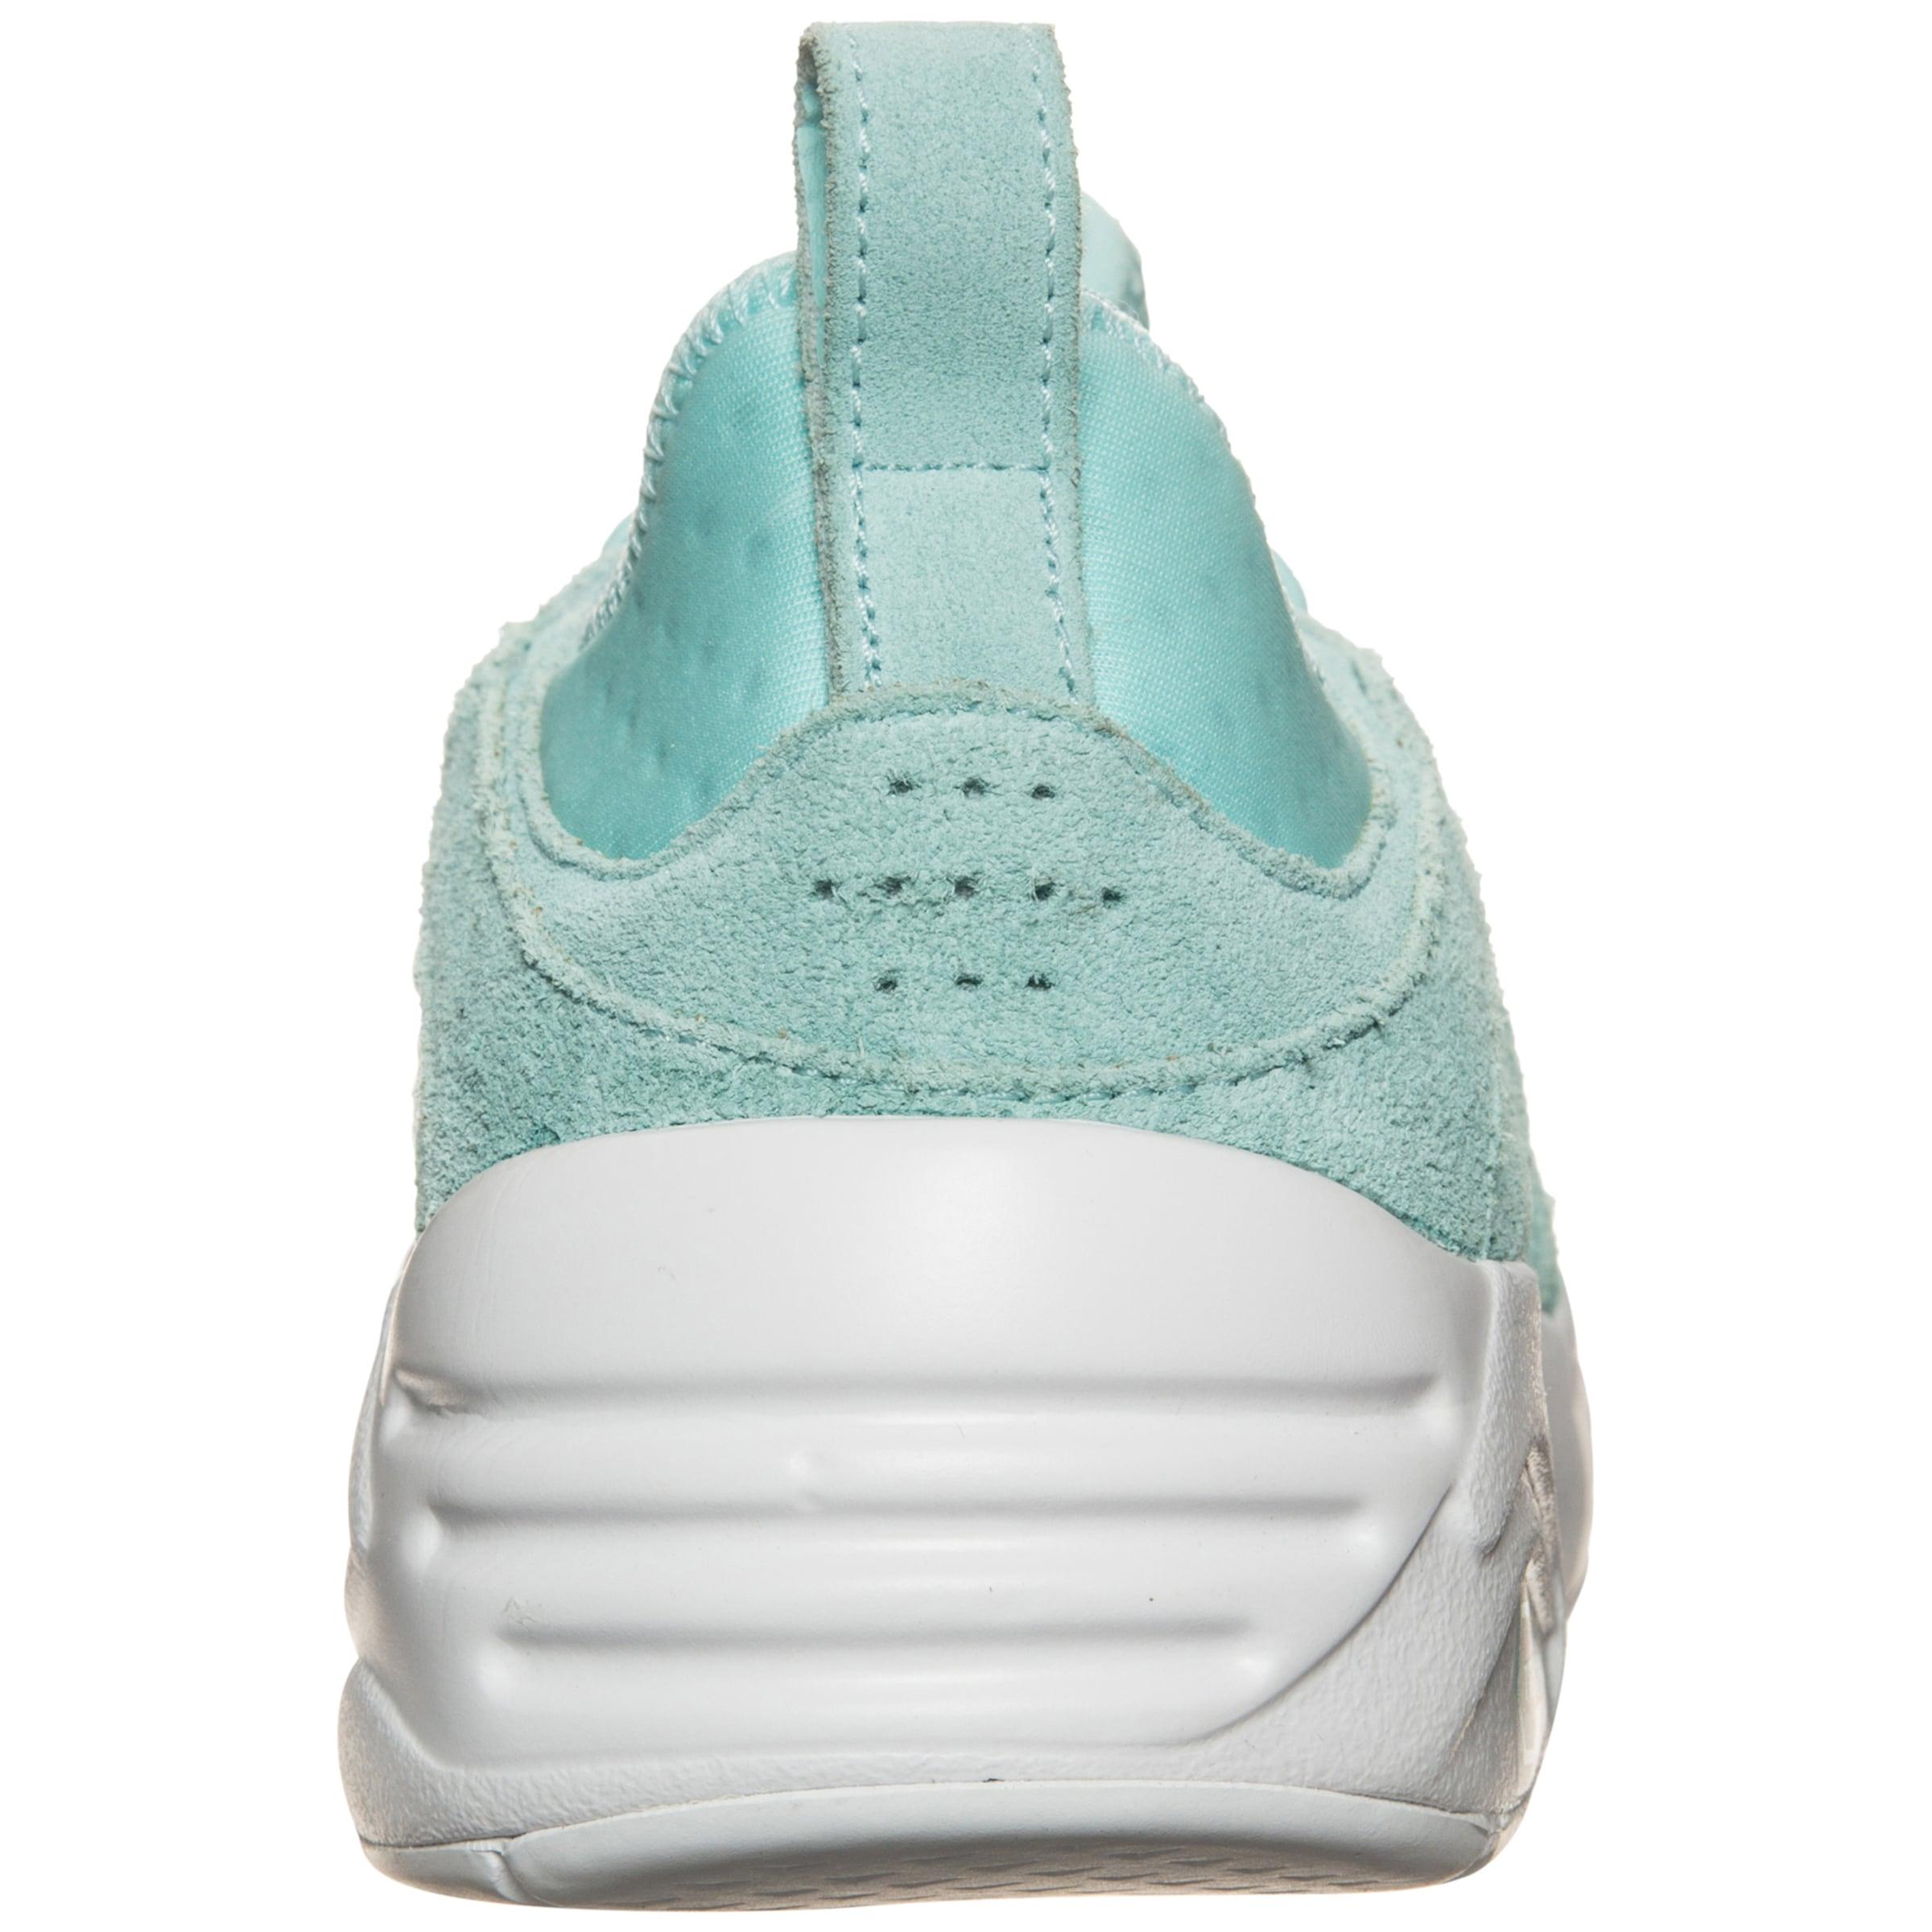 In Soft' Türkis Sneaker Glory Puma Of 'blaze 35jLcS4RAq